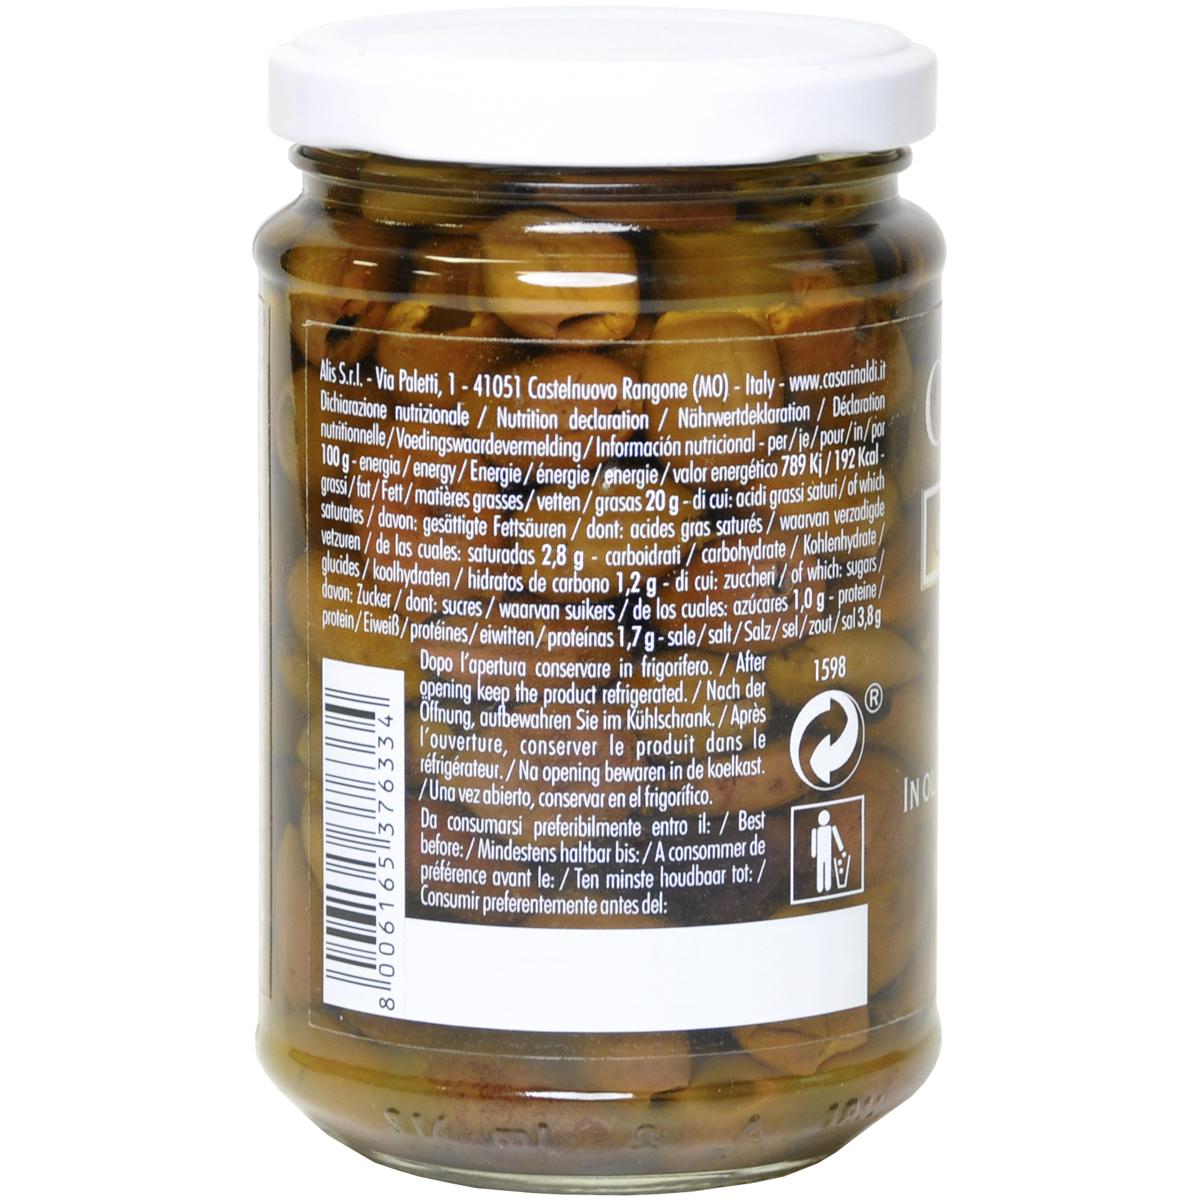 Оливки Casa Rinaldi Ривьера Таджаске консервированные без косточки 290г